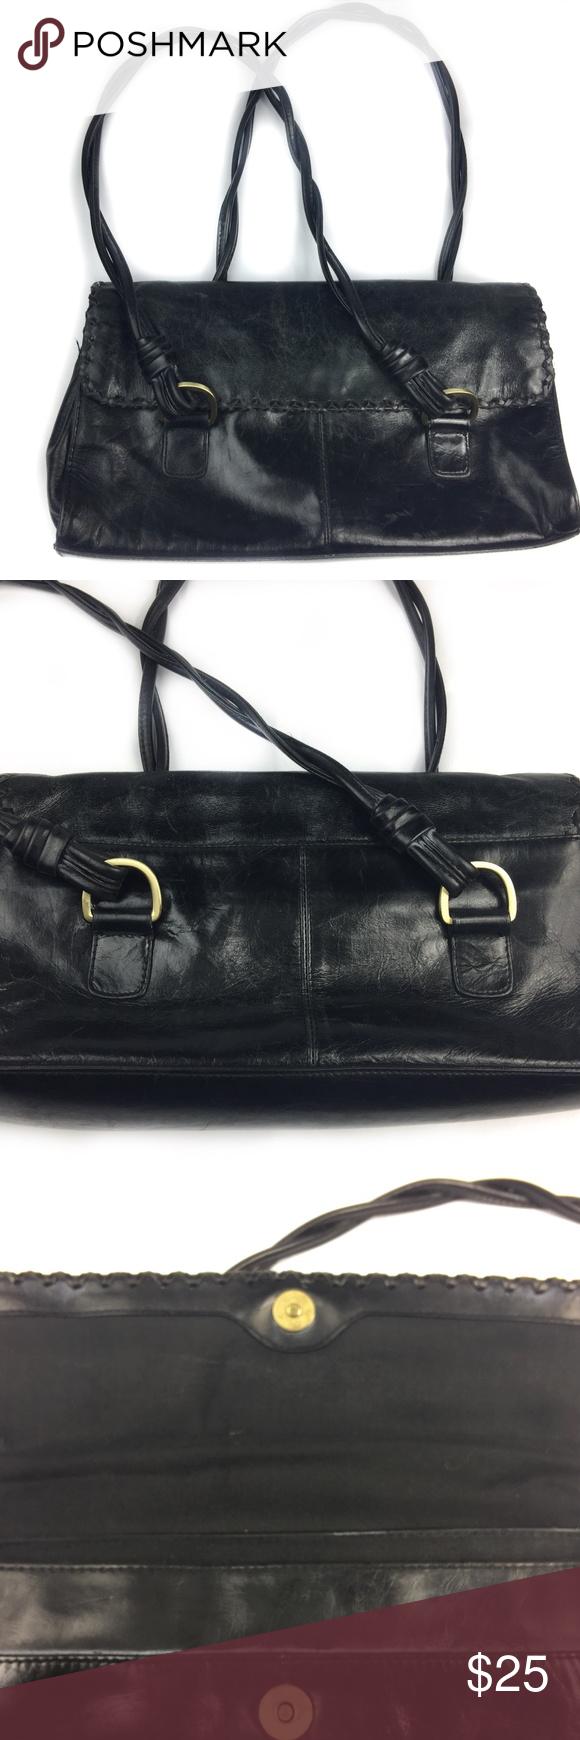 Worthington Black Women S Bag Purse Leather Lovely Used